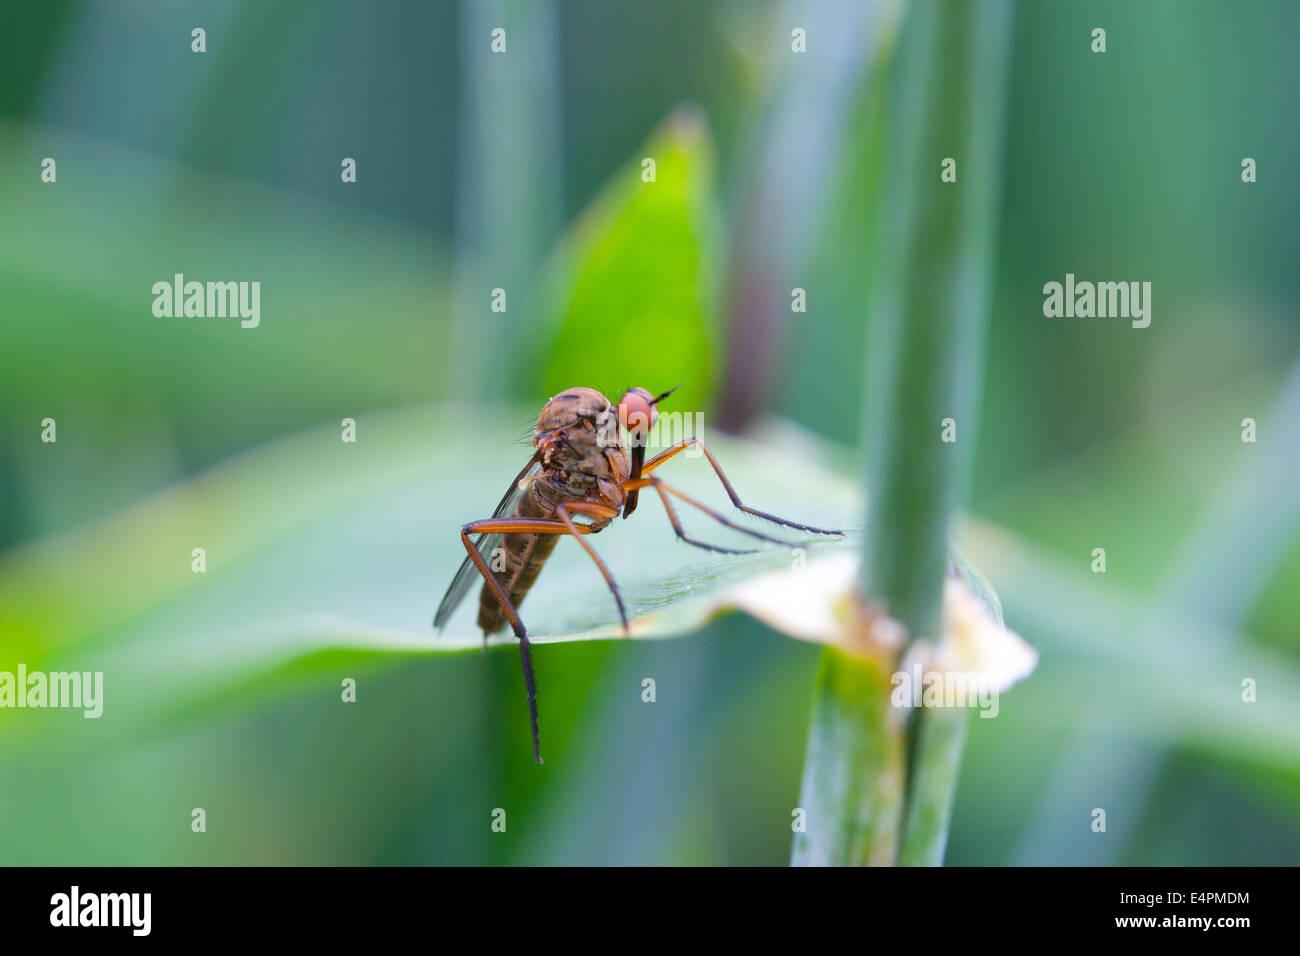 Fliege auf einem Blatt - Stock Image